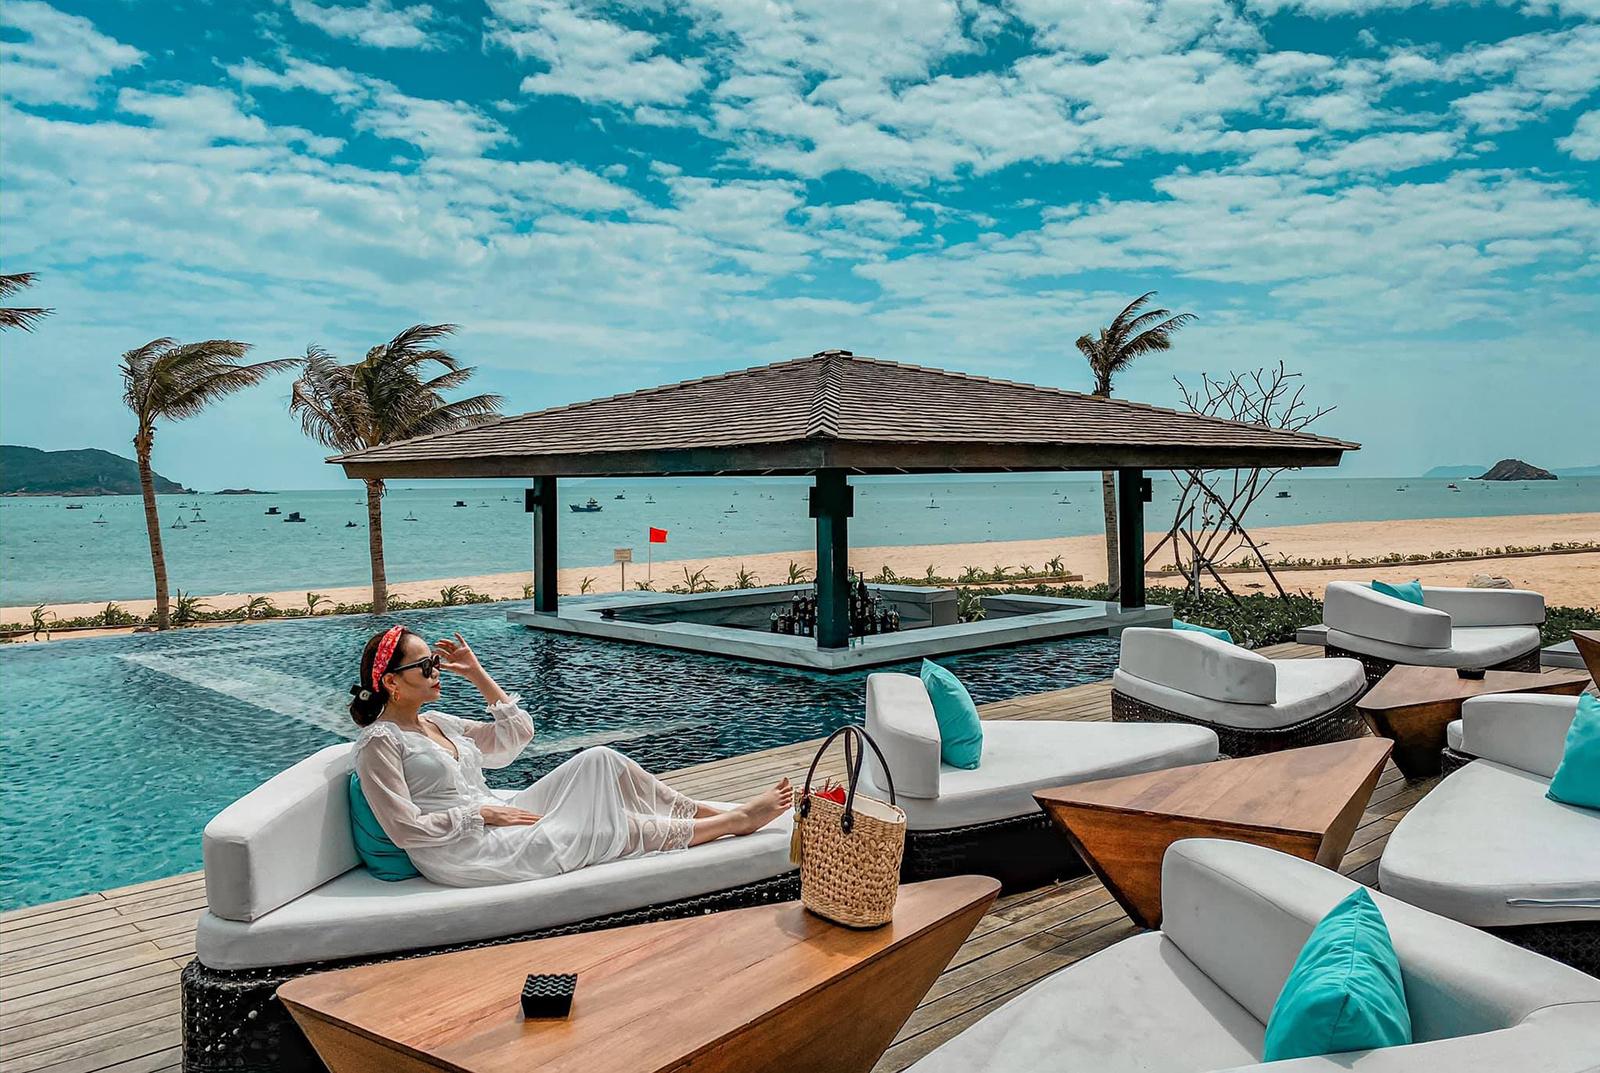 Pieter van der Hoeven, quản lý thương hiệu một resort có chi nhánh tại Quy Nhơn và Mũi Né, chia sẻ với CNBC: Cả hai resort của chúng tôi đều nằm ở điểm đến còn ít người biết, giúp du khách có những trải nghiệm yên bình với giá dễ chịu hơn, đồng thời không cách quá xa thành phố. Ảnh: Khánh Trần.